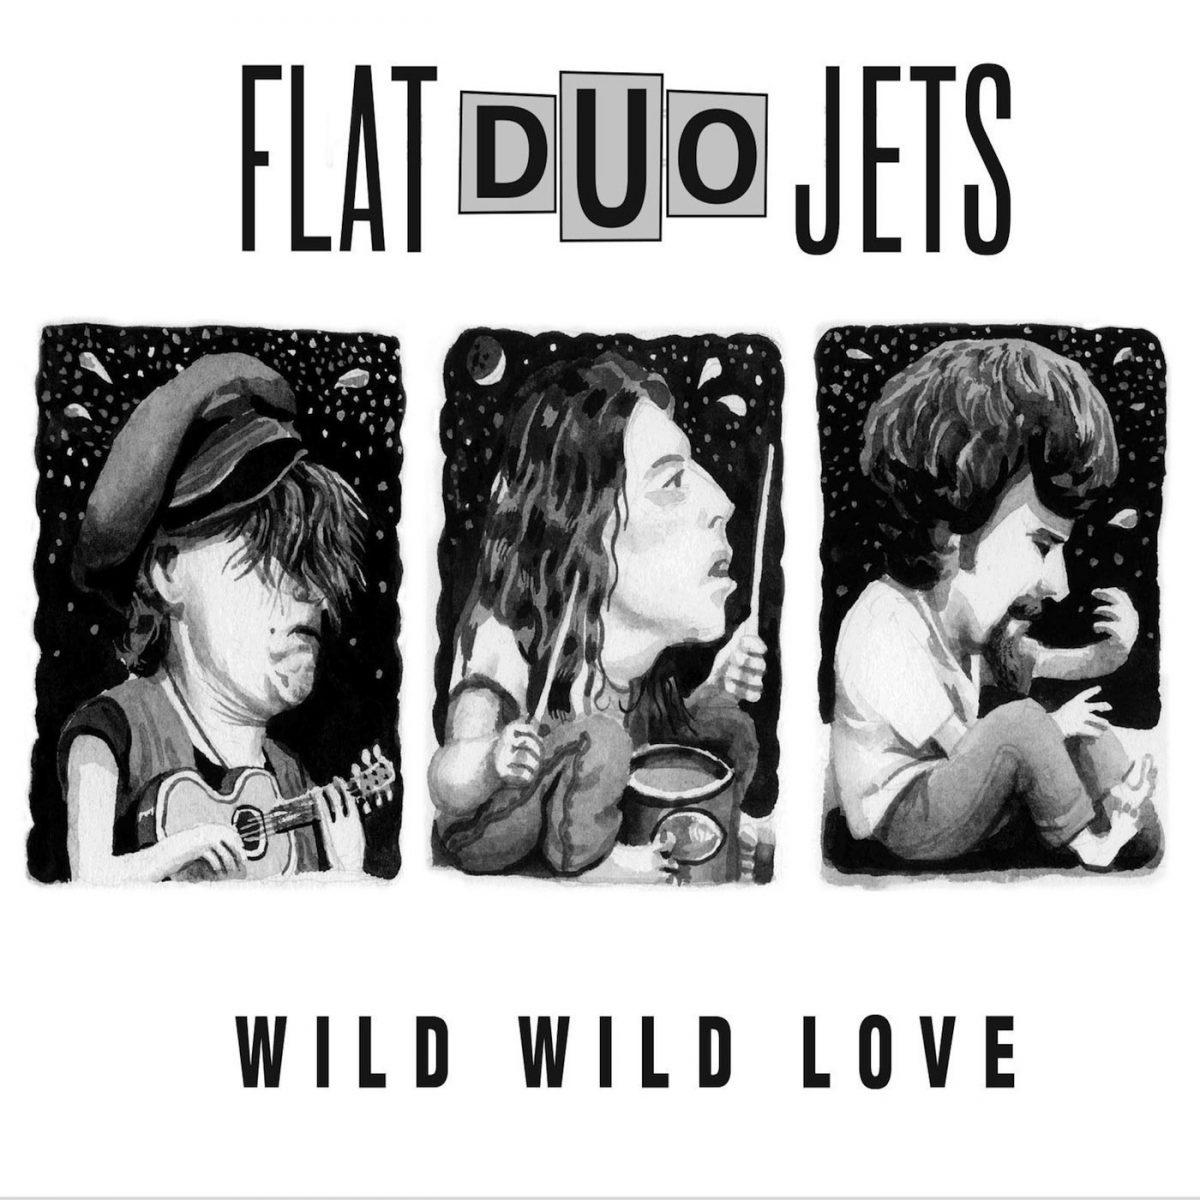 Flat Duo Jets – Wild Wild Love